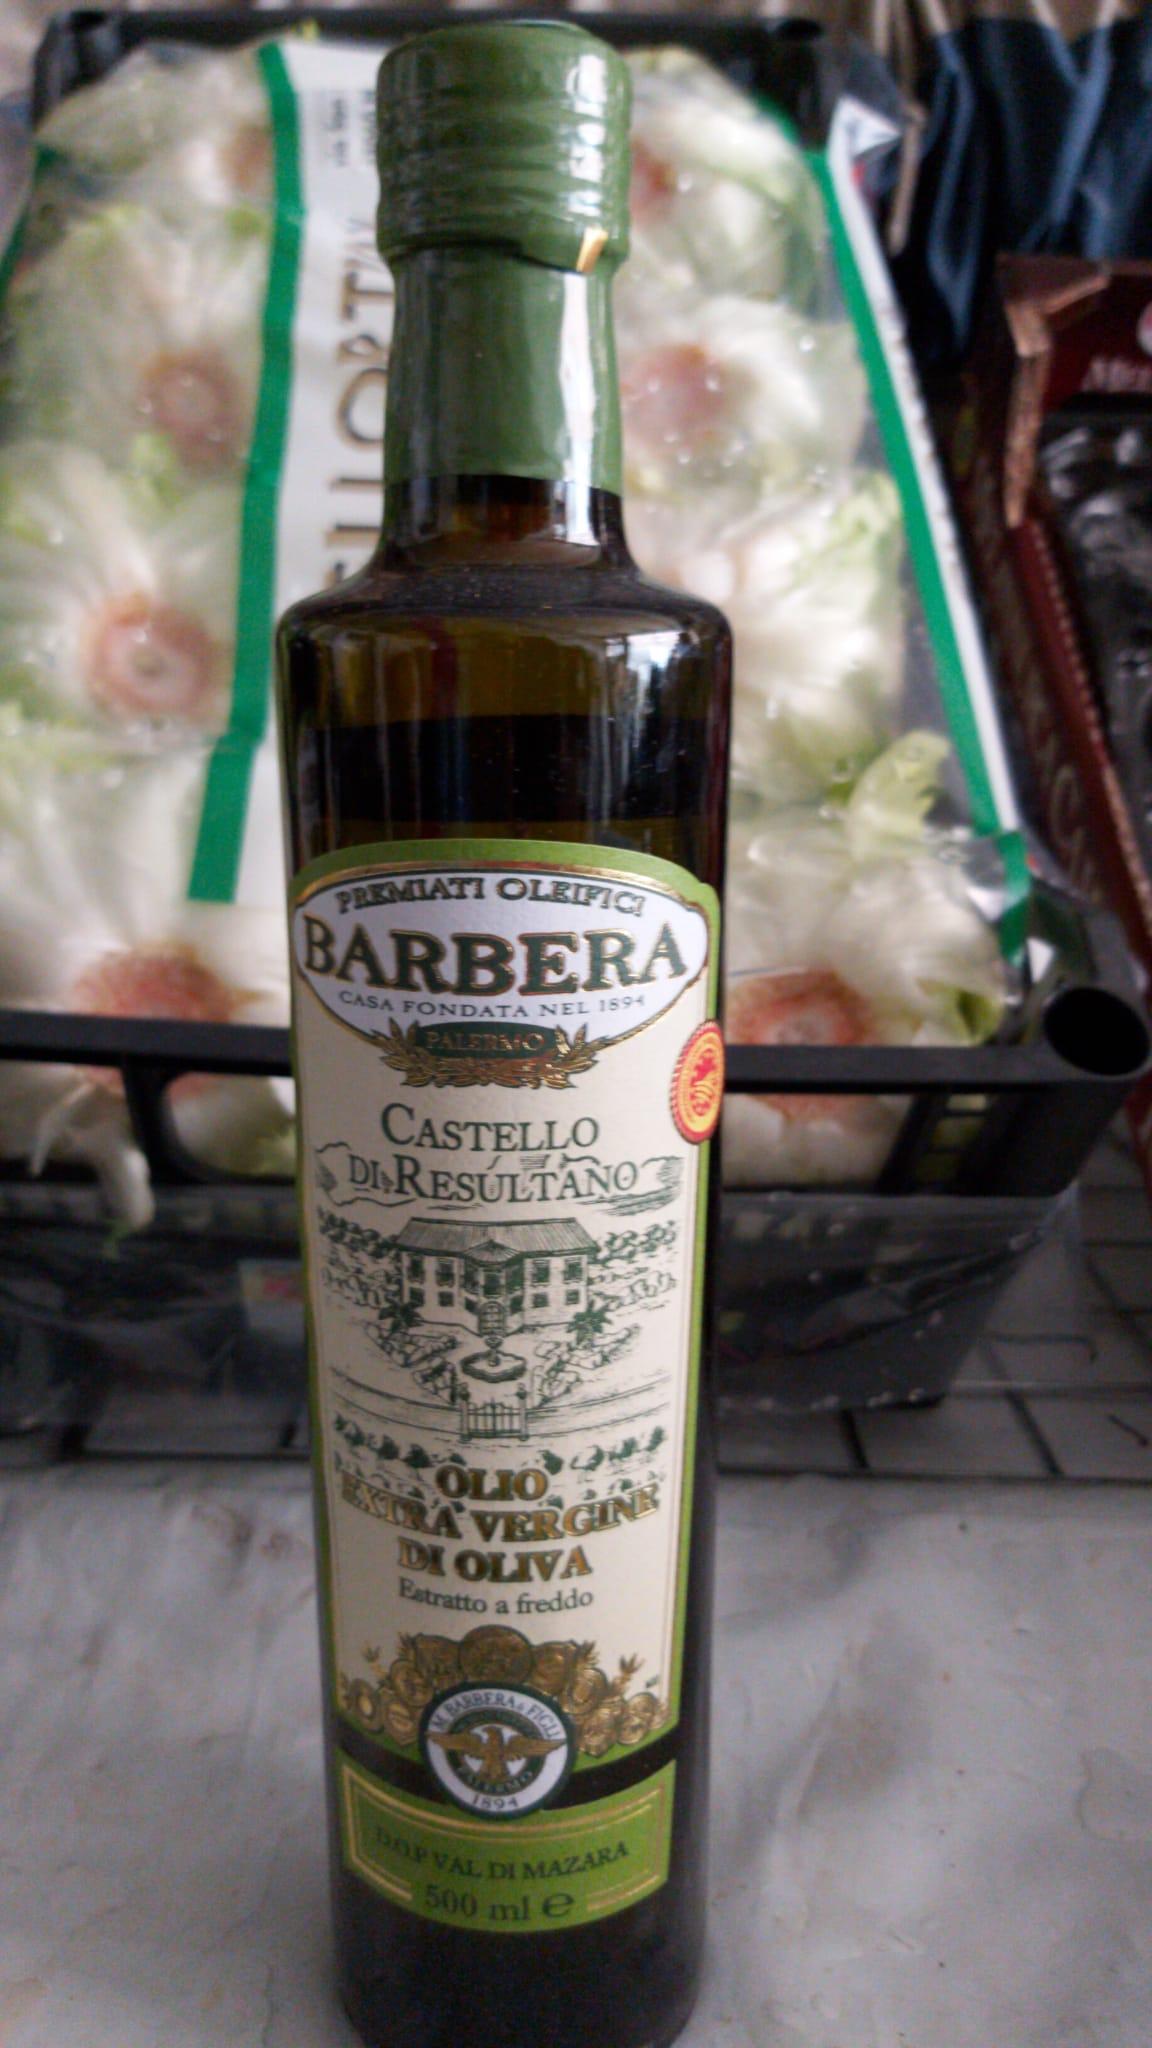 olio extra vergine di oliva D.O.P VAL DI MAZARA